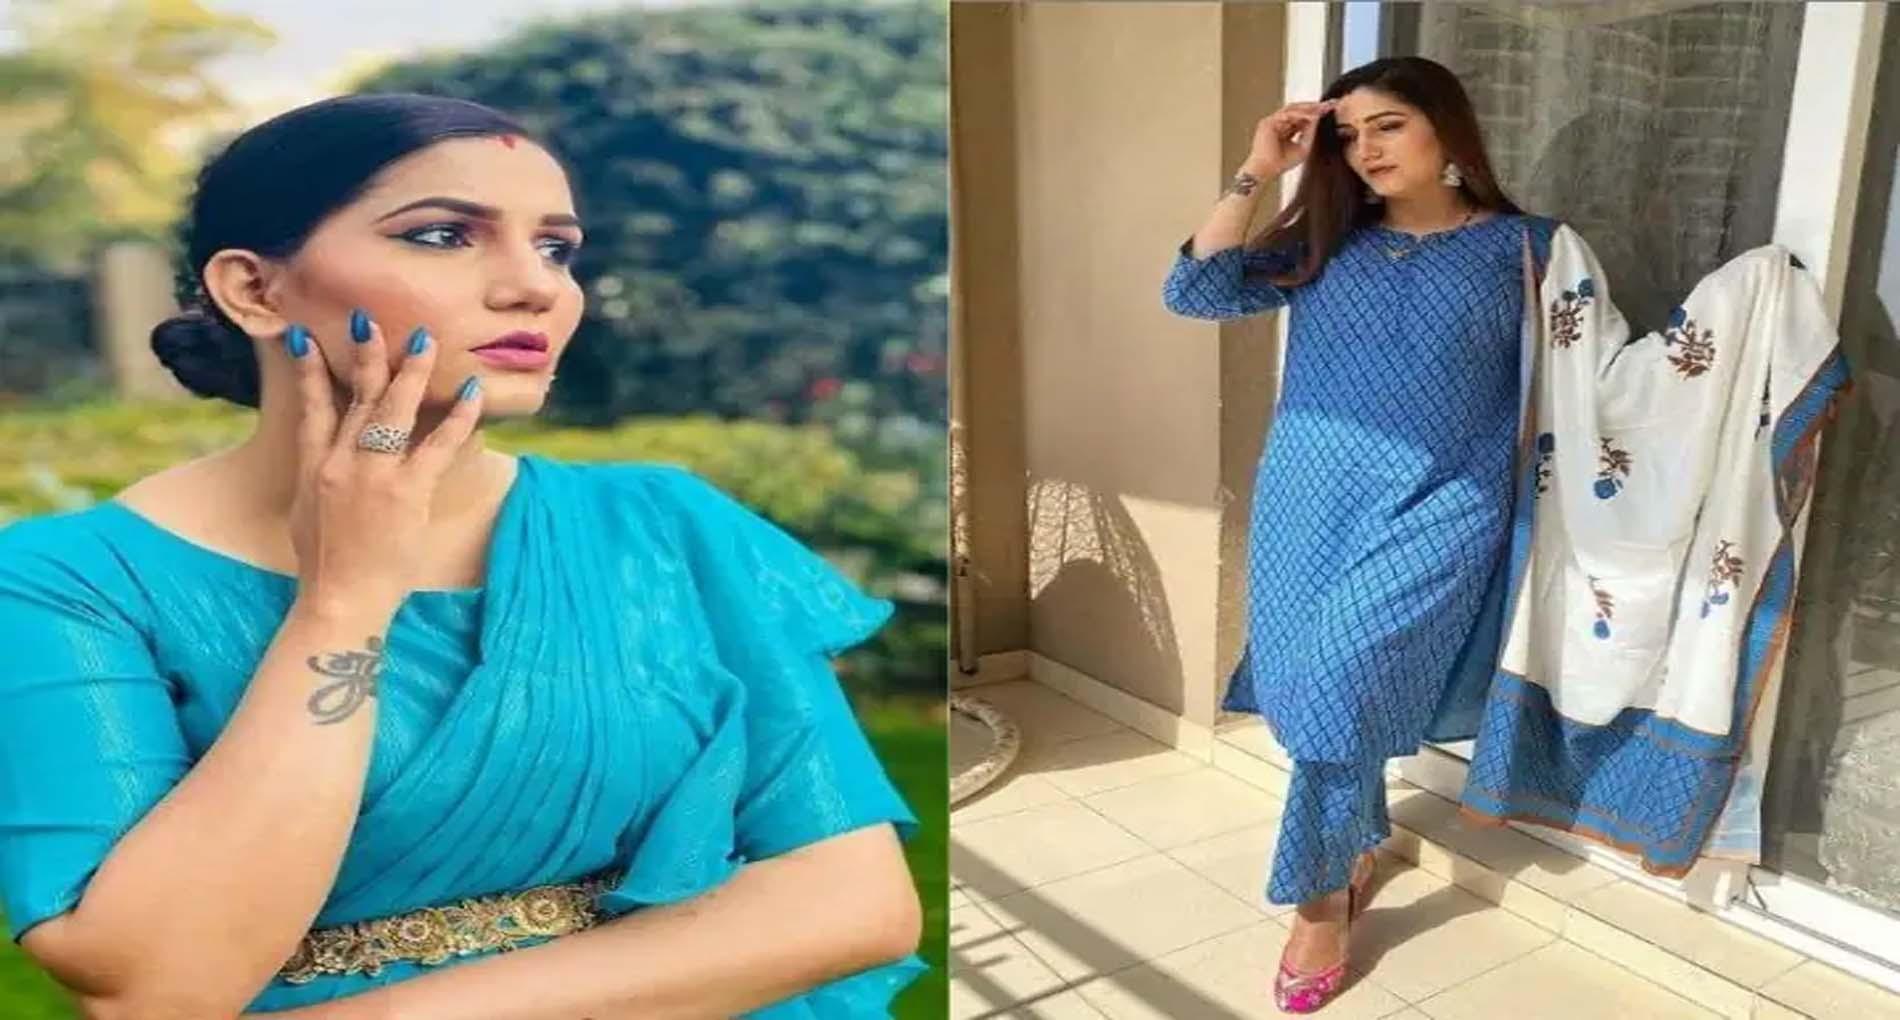 Sapna Chaudhary Haryanvi Song: हरियाणा की डांसिंग क्वीन सपना चौधरी के टॉप 5 सुपरहिट गाने!